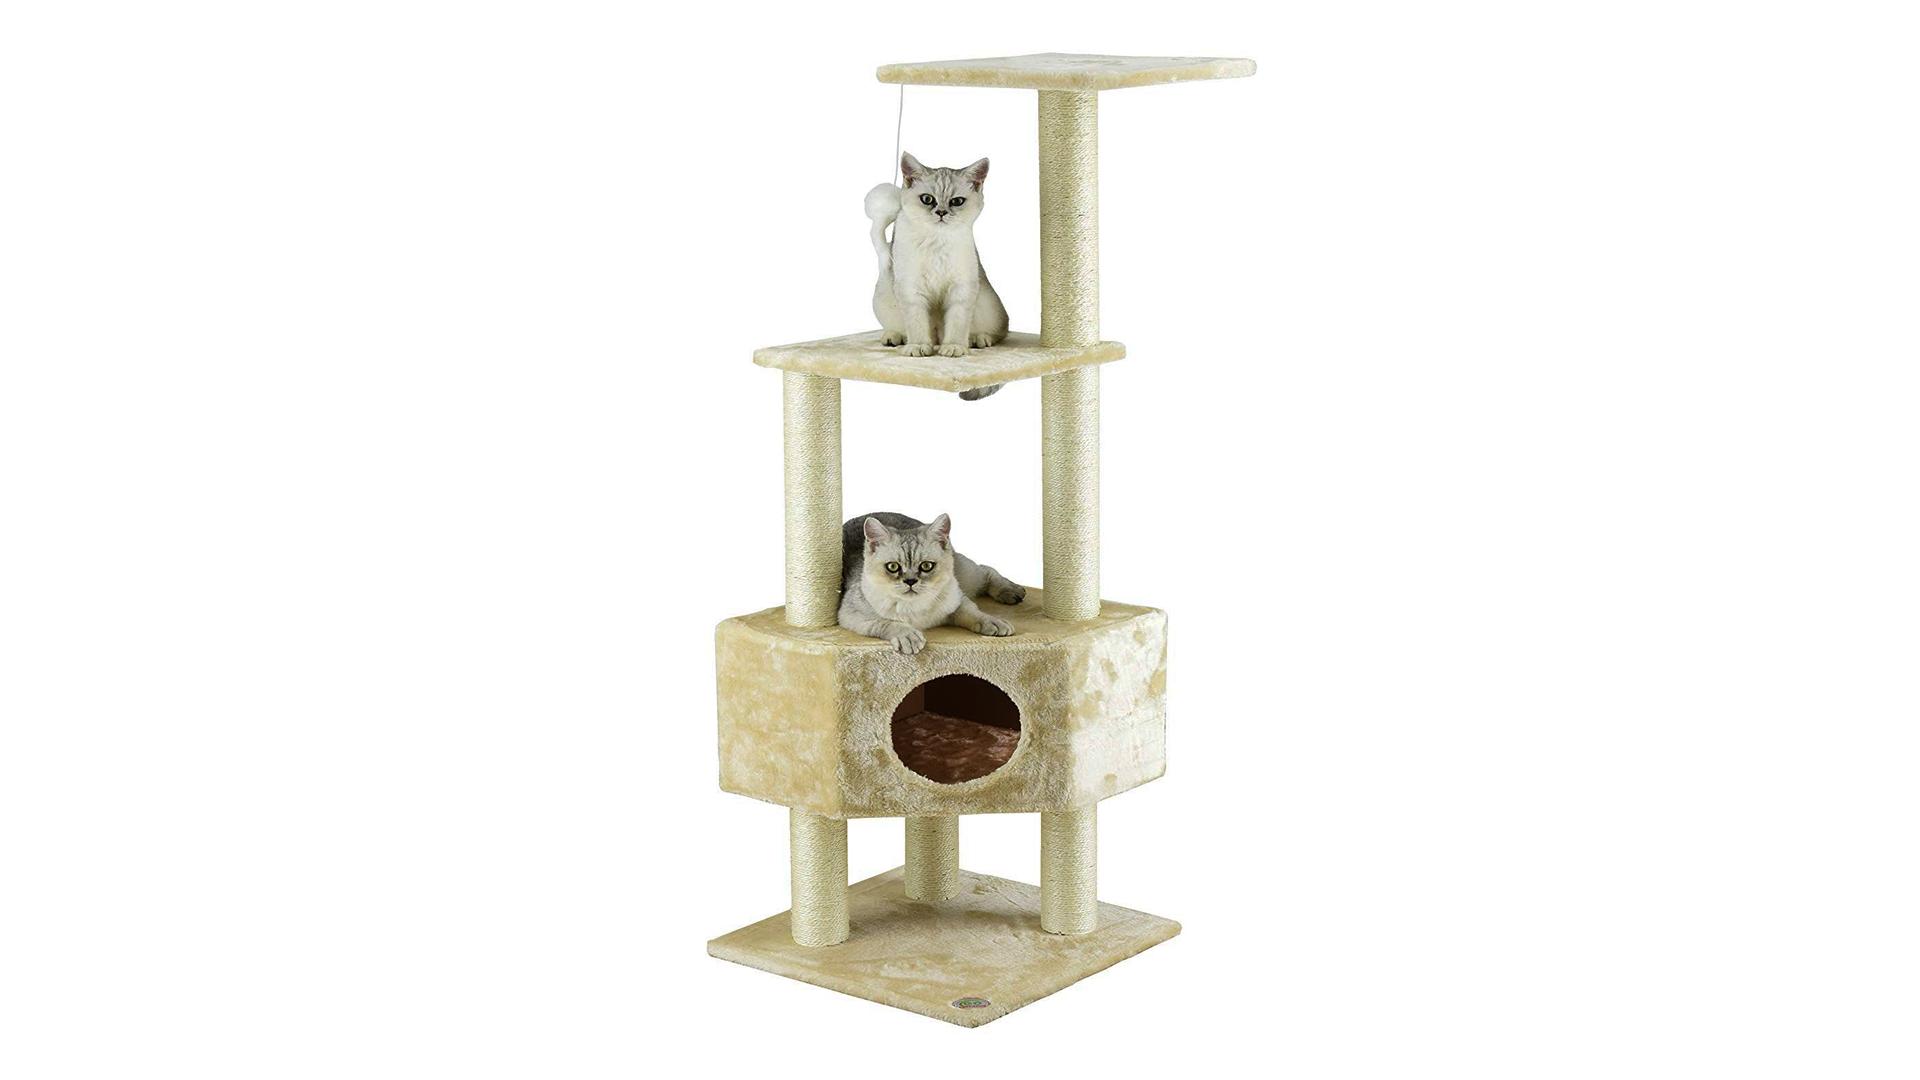 The Go Pet Club cat condo tree